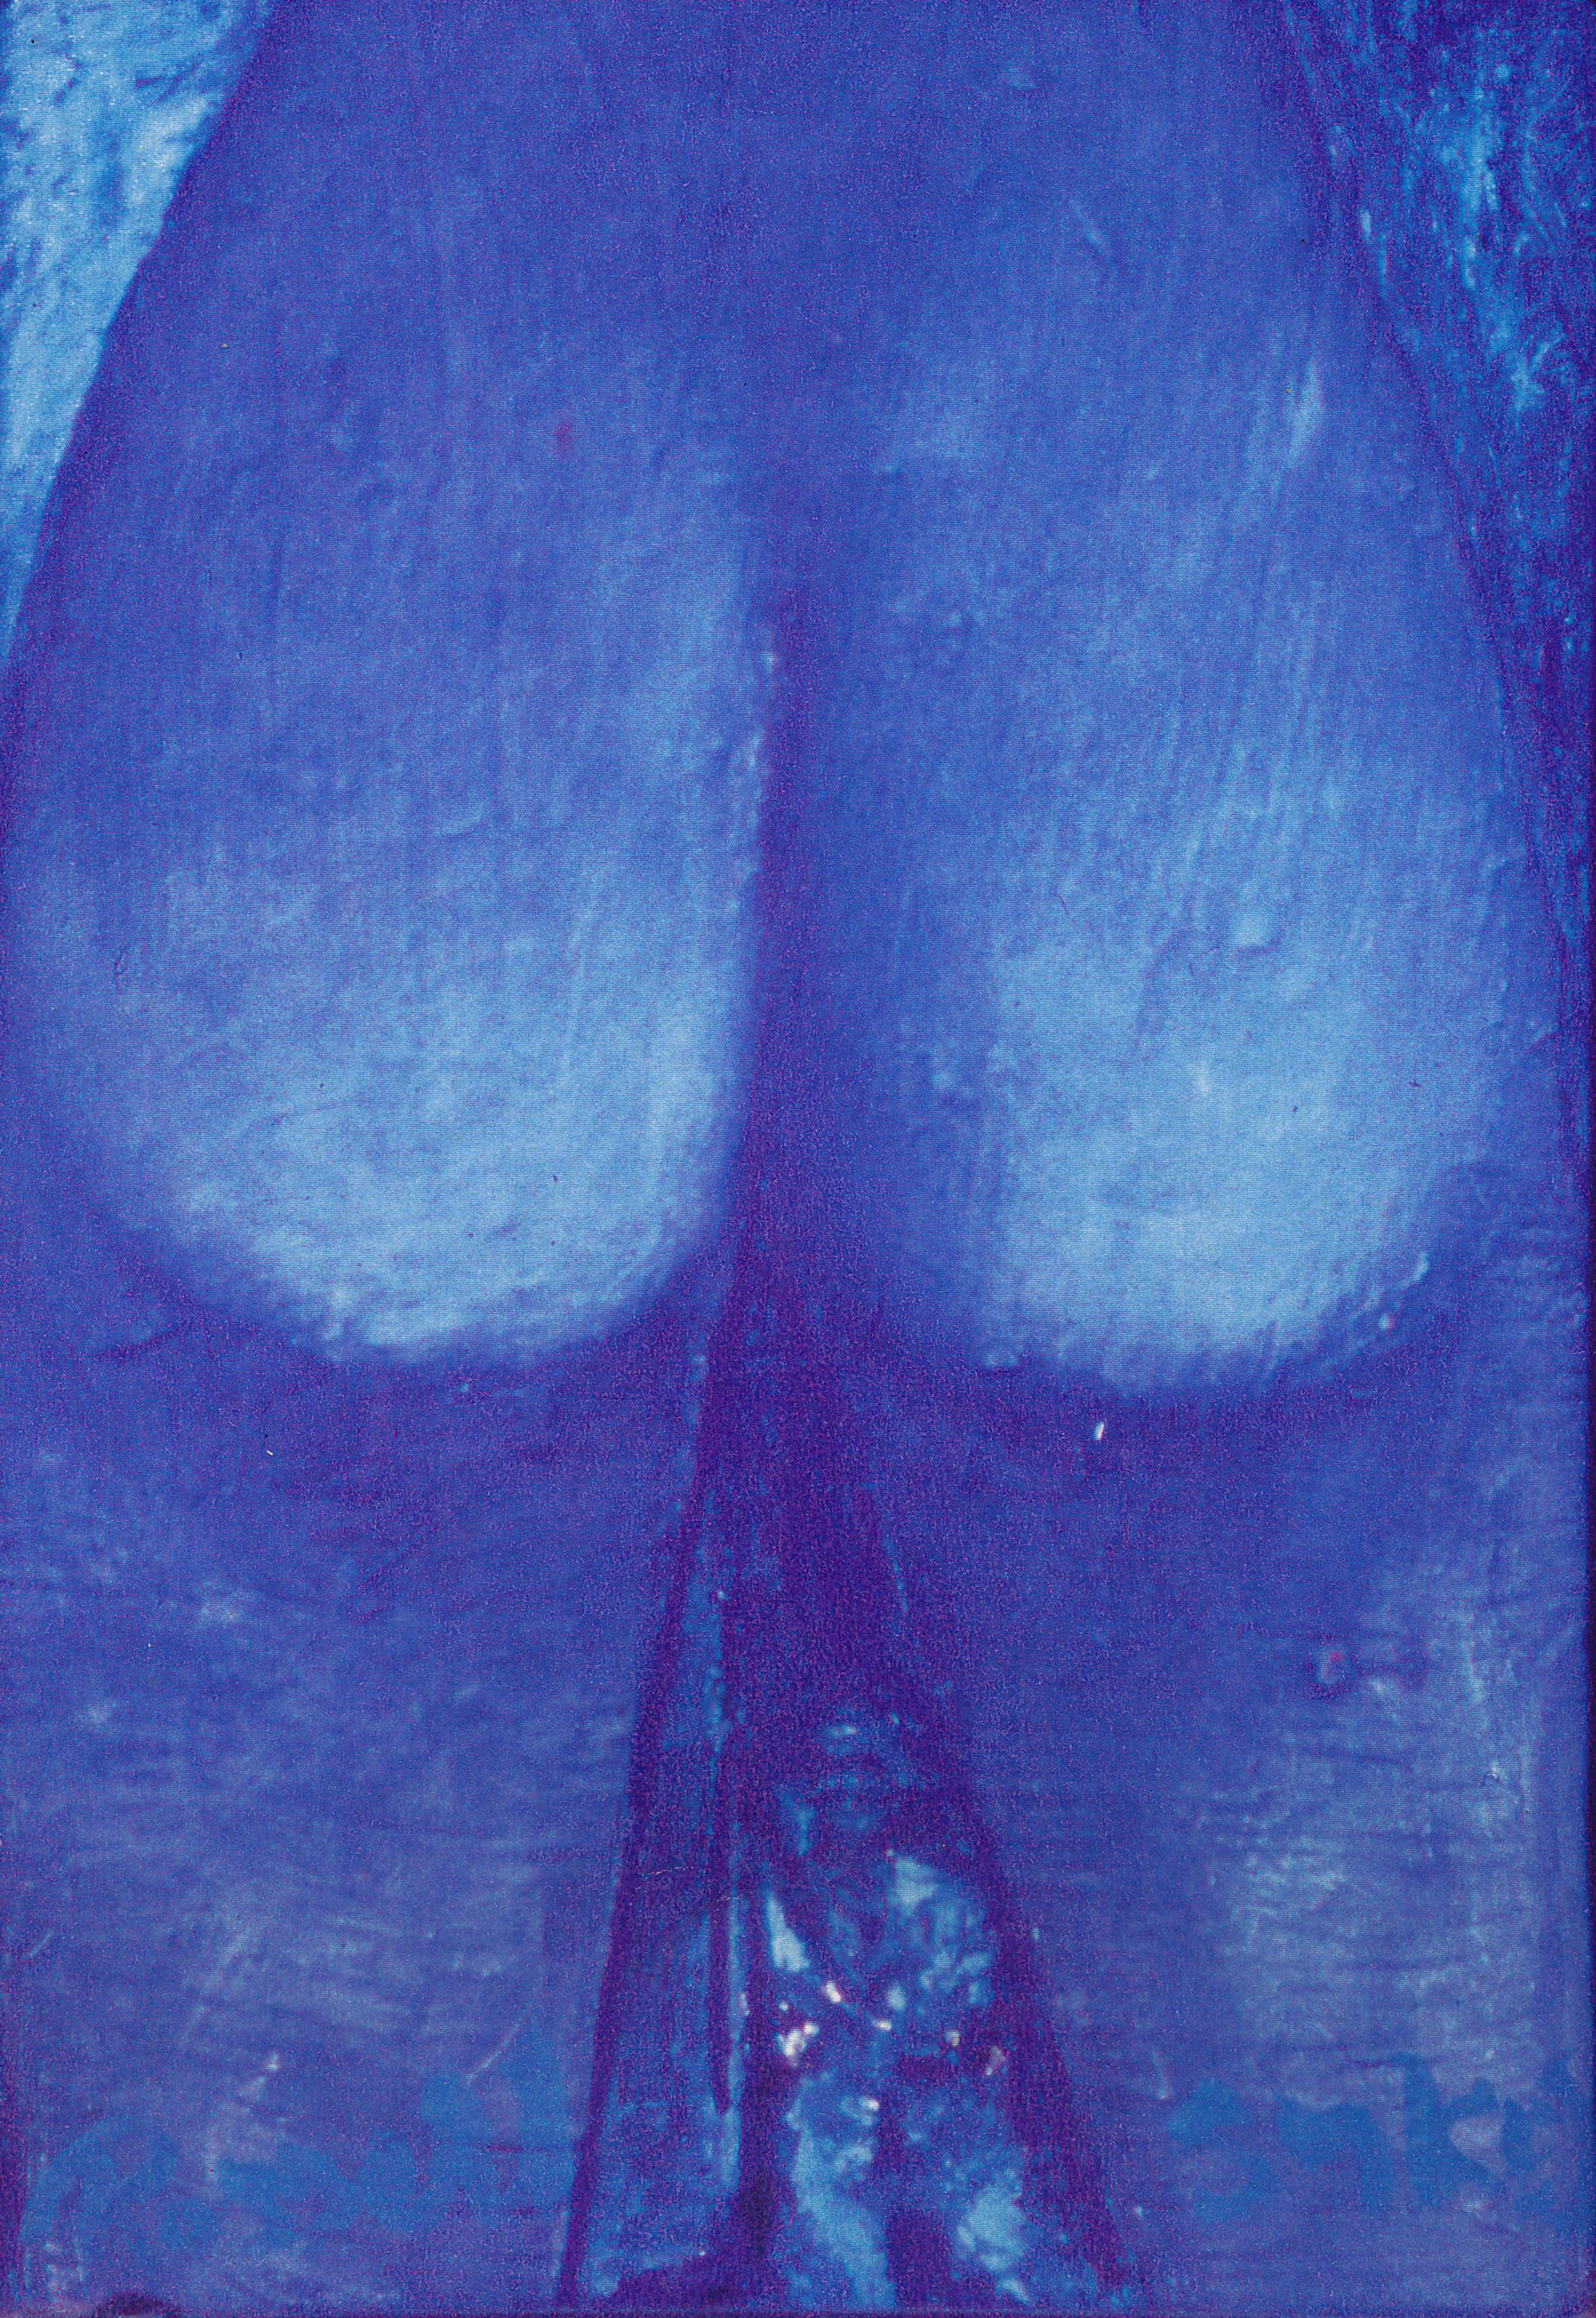 Blue Derrier 1989